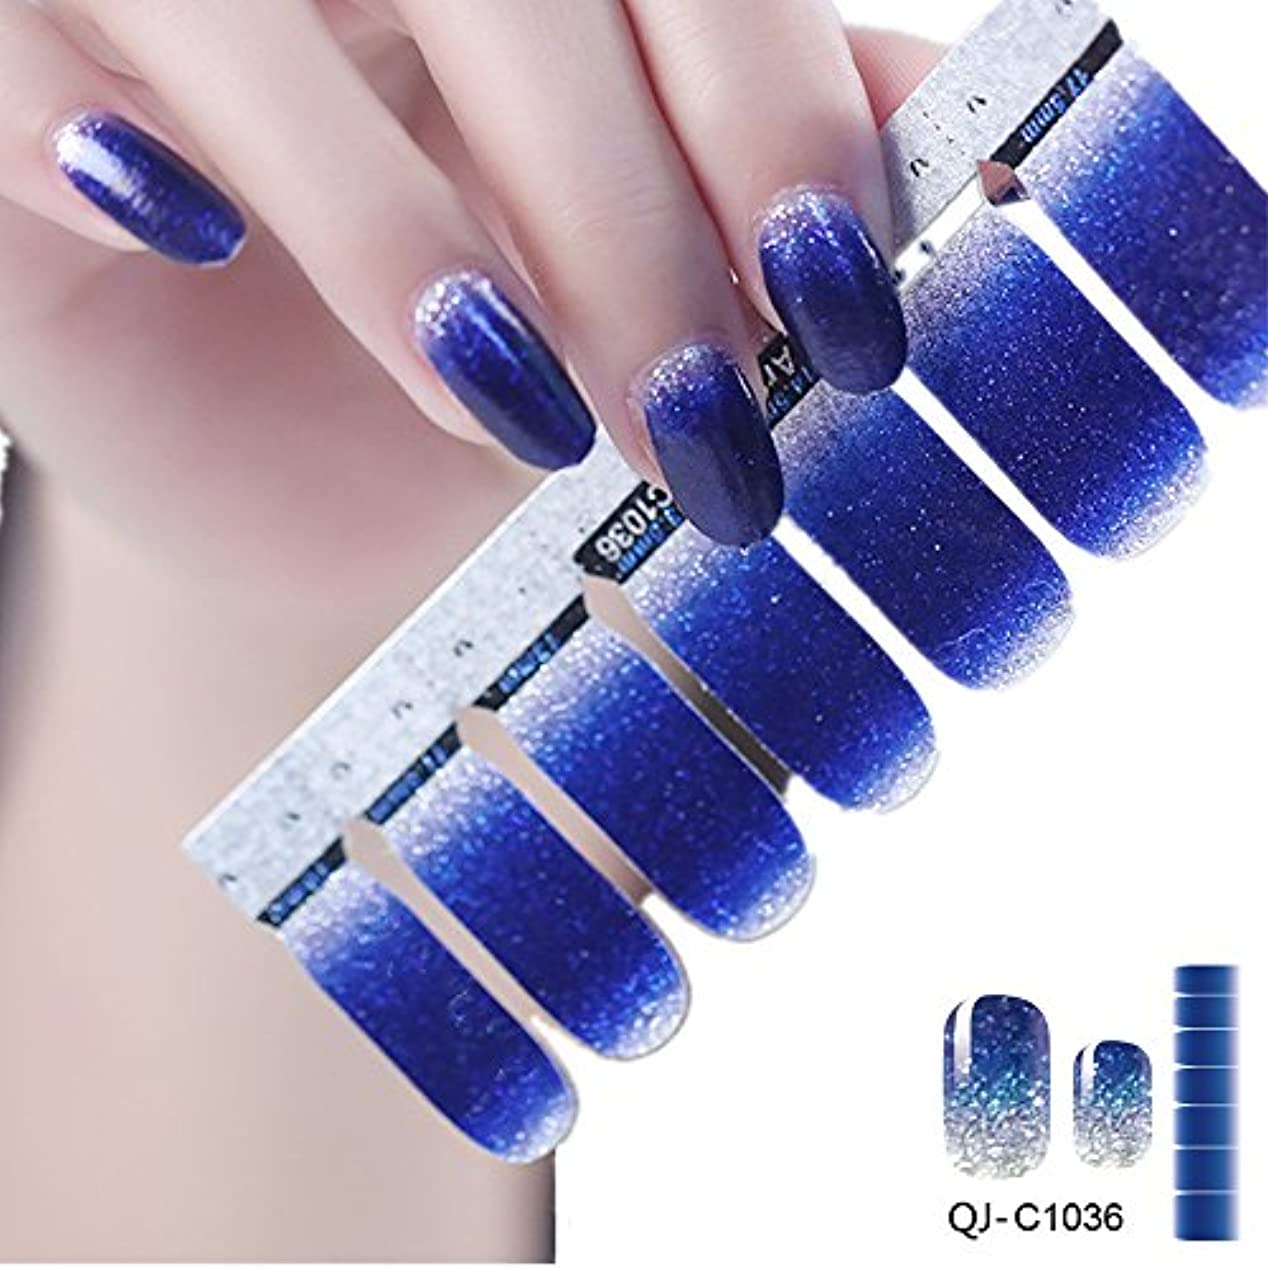 外科医デッドロックラグネイルシール ネイルステッカー セット 貼るだけマニキュア 爪やすり1本付き (1036)